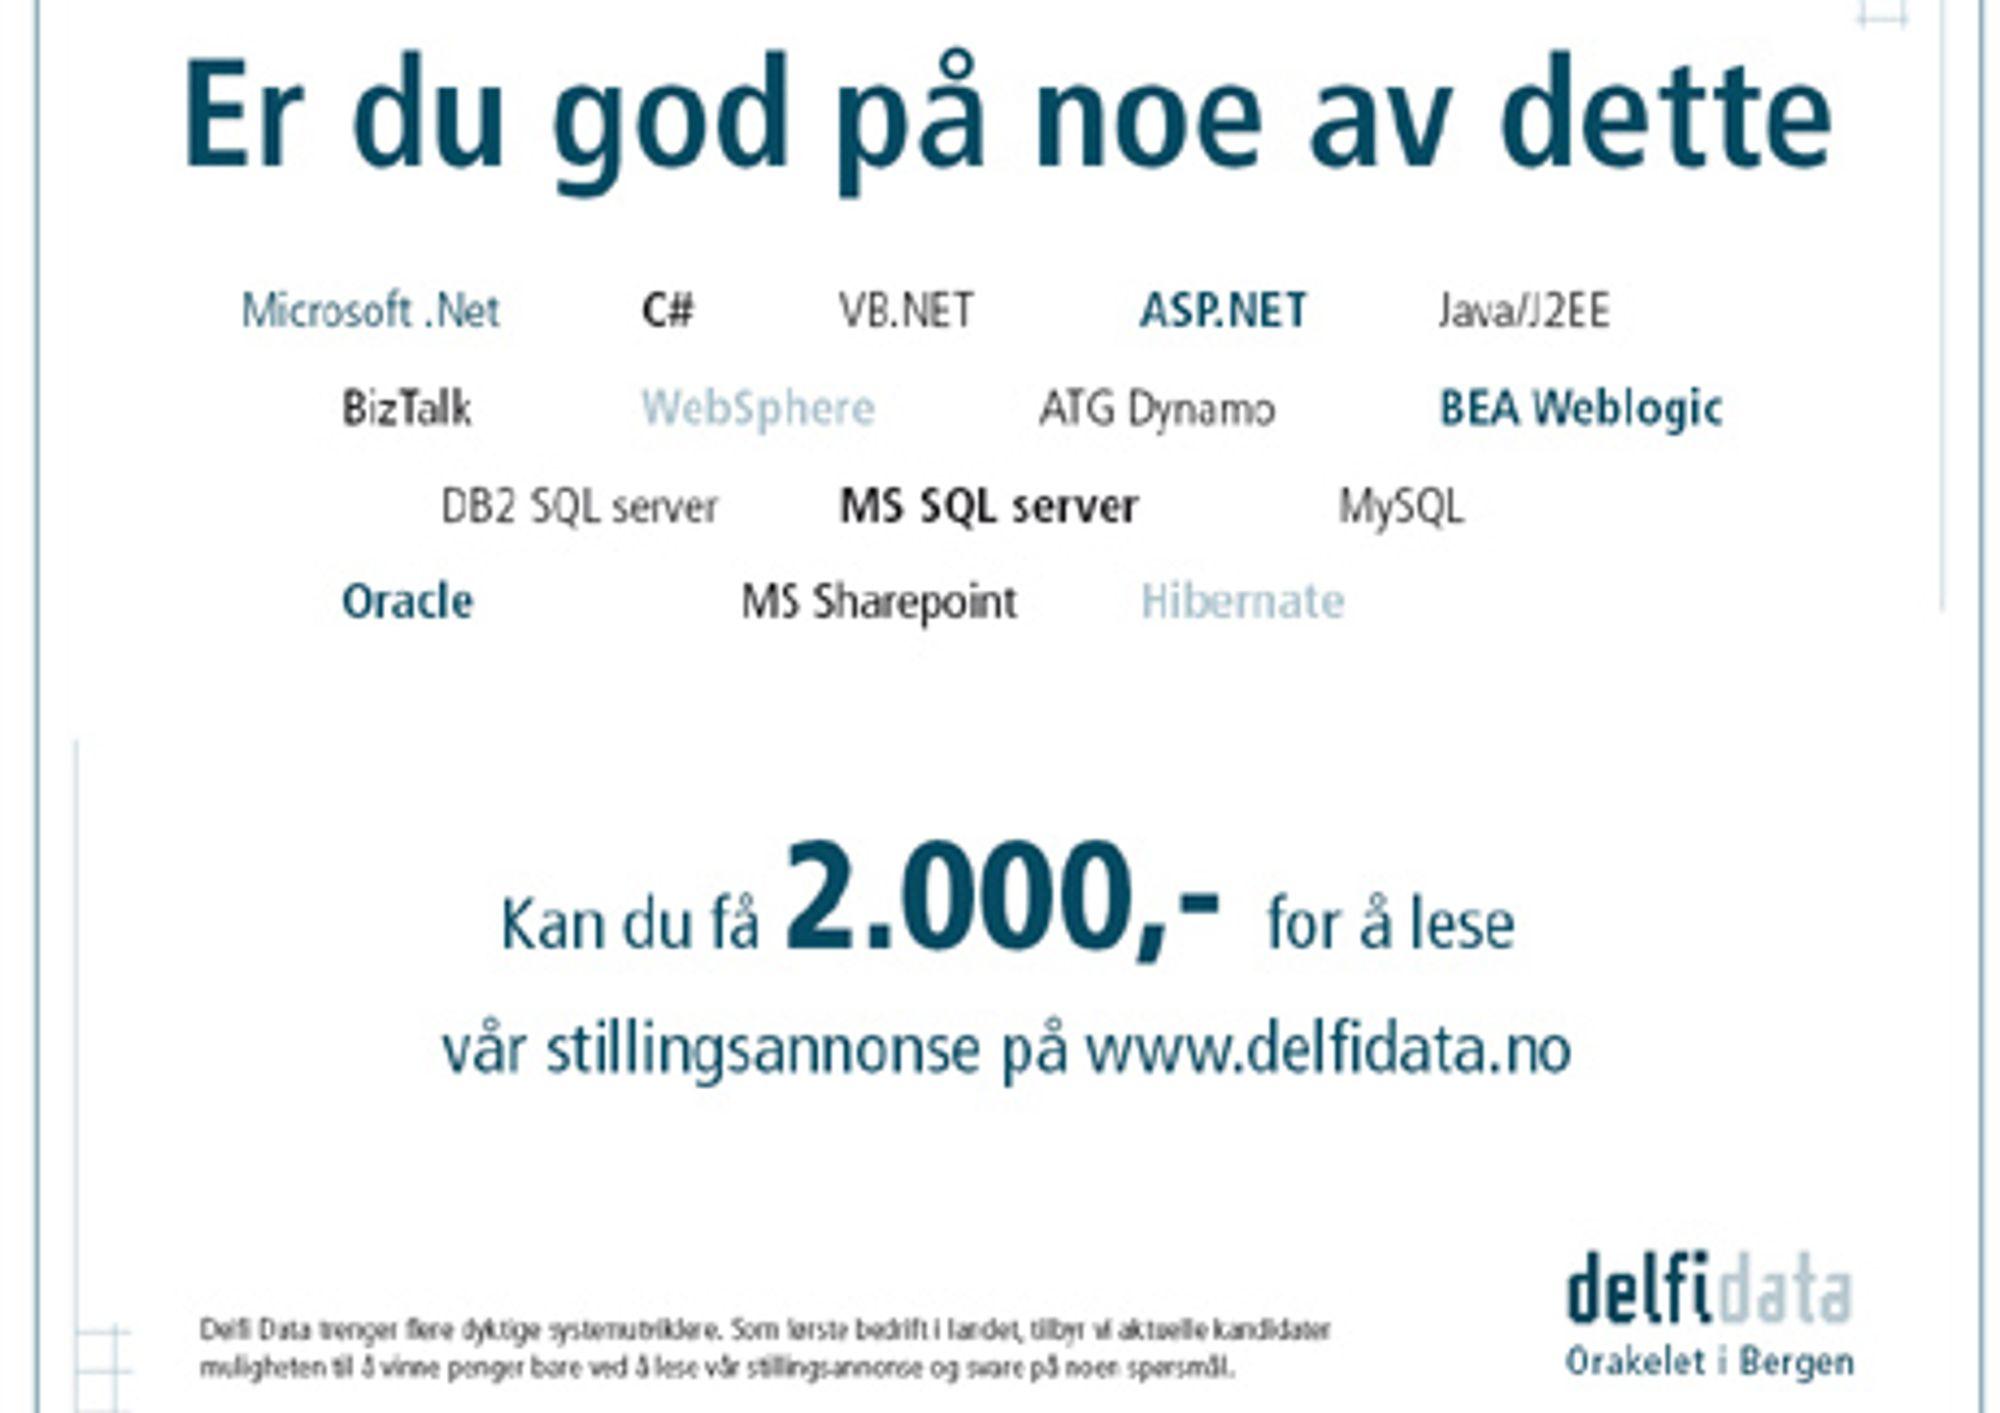 Den originale stillingsannonsen til Delfi Data